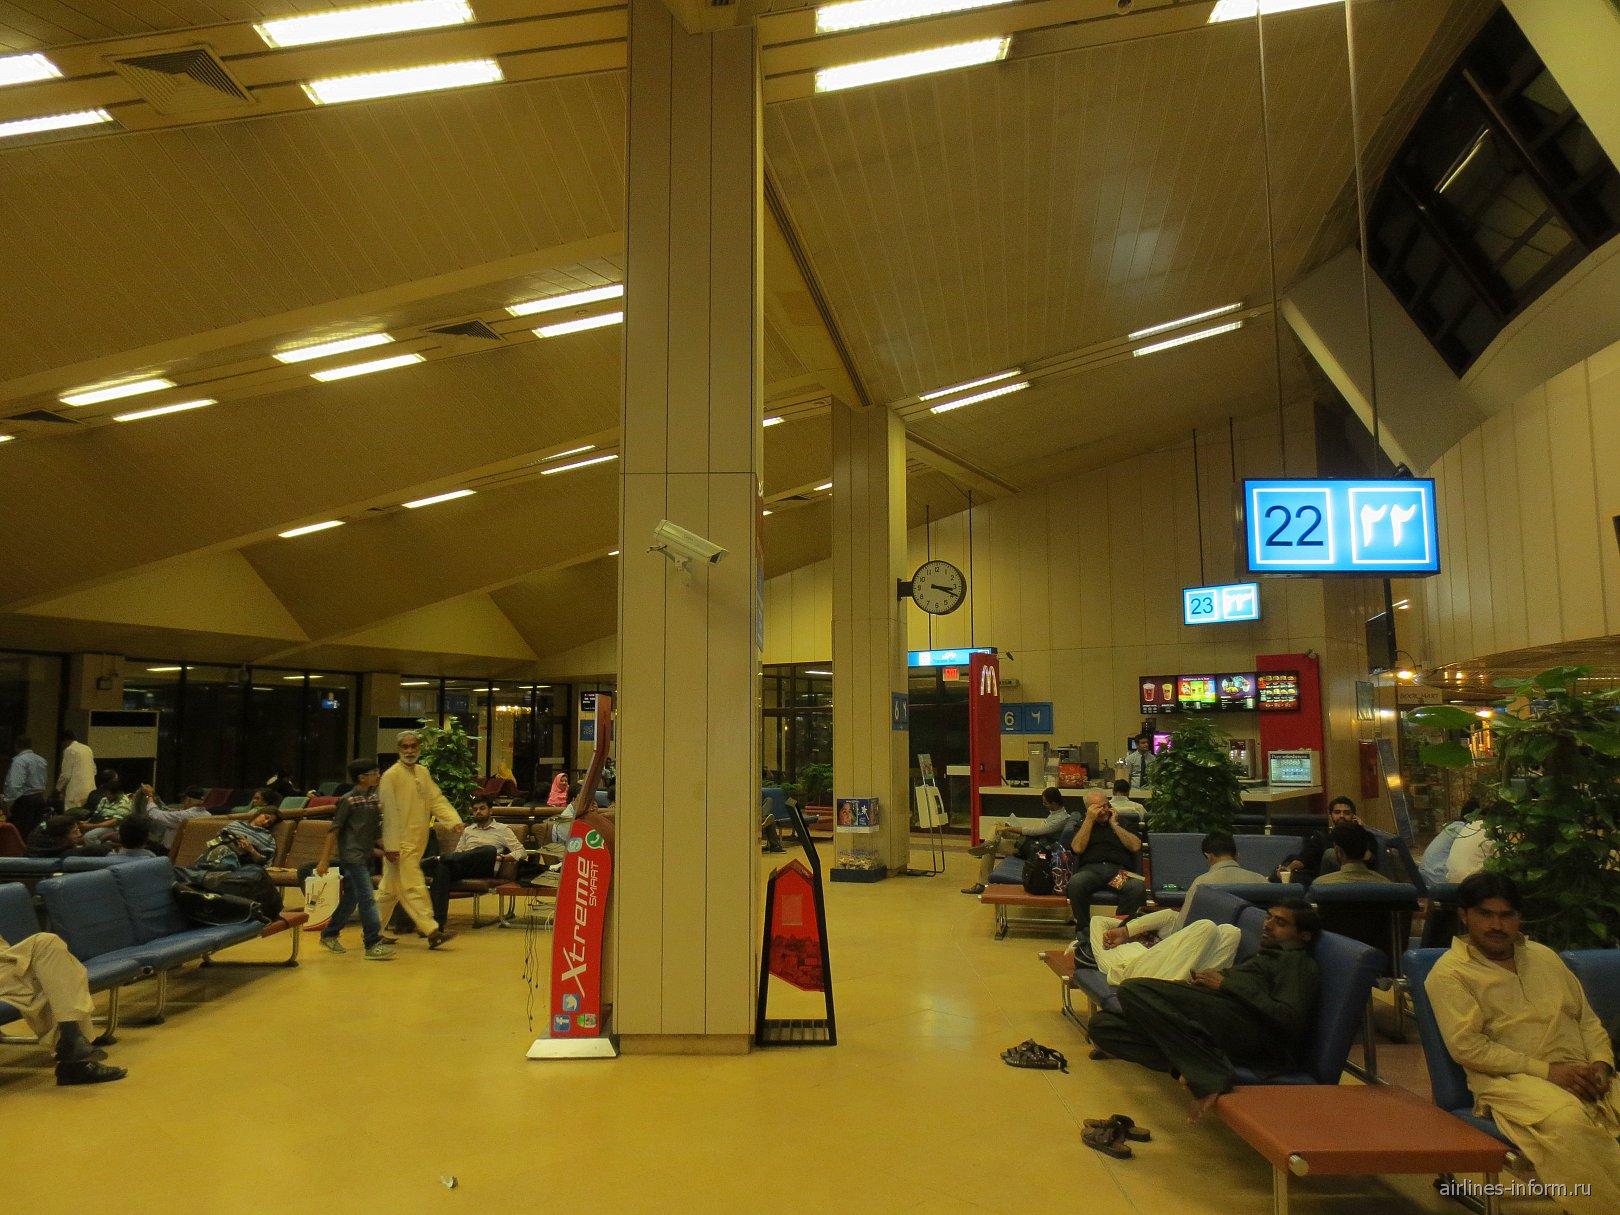 Зал ожидания в аэропорту Карачи